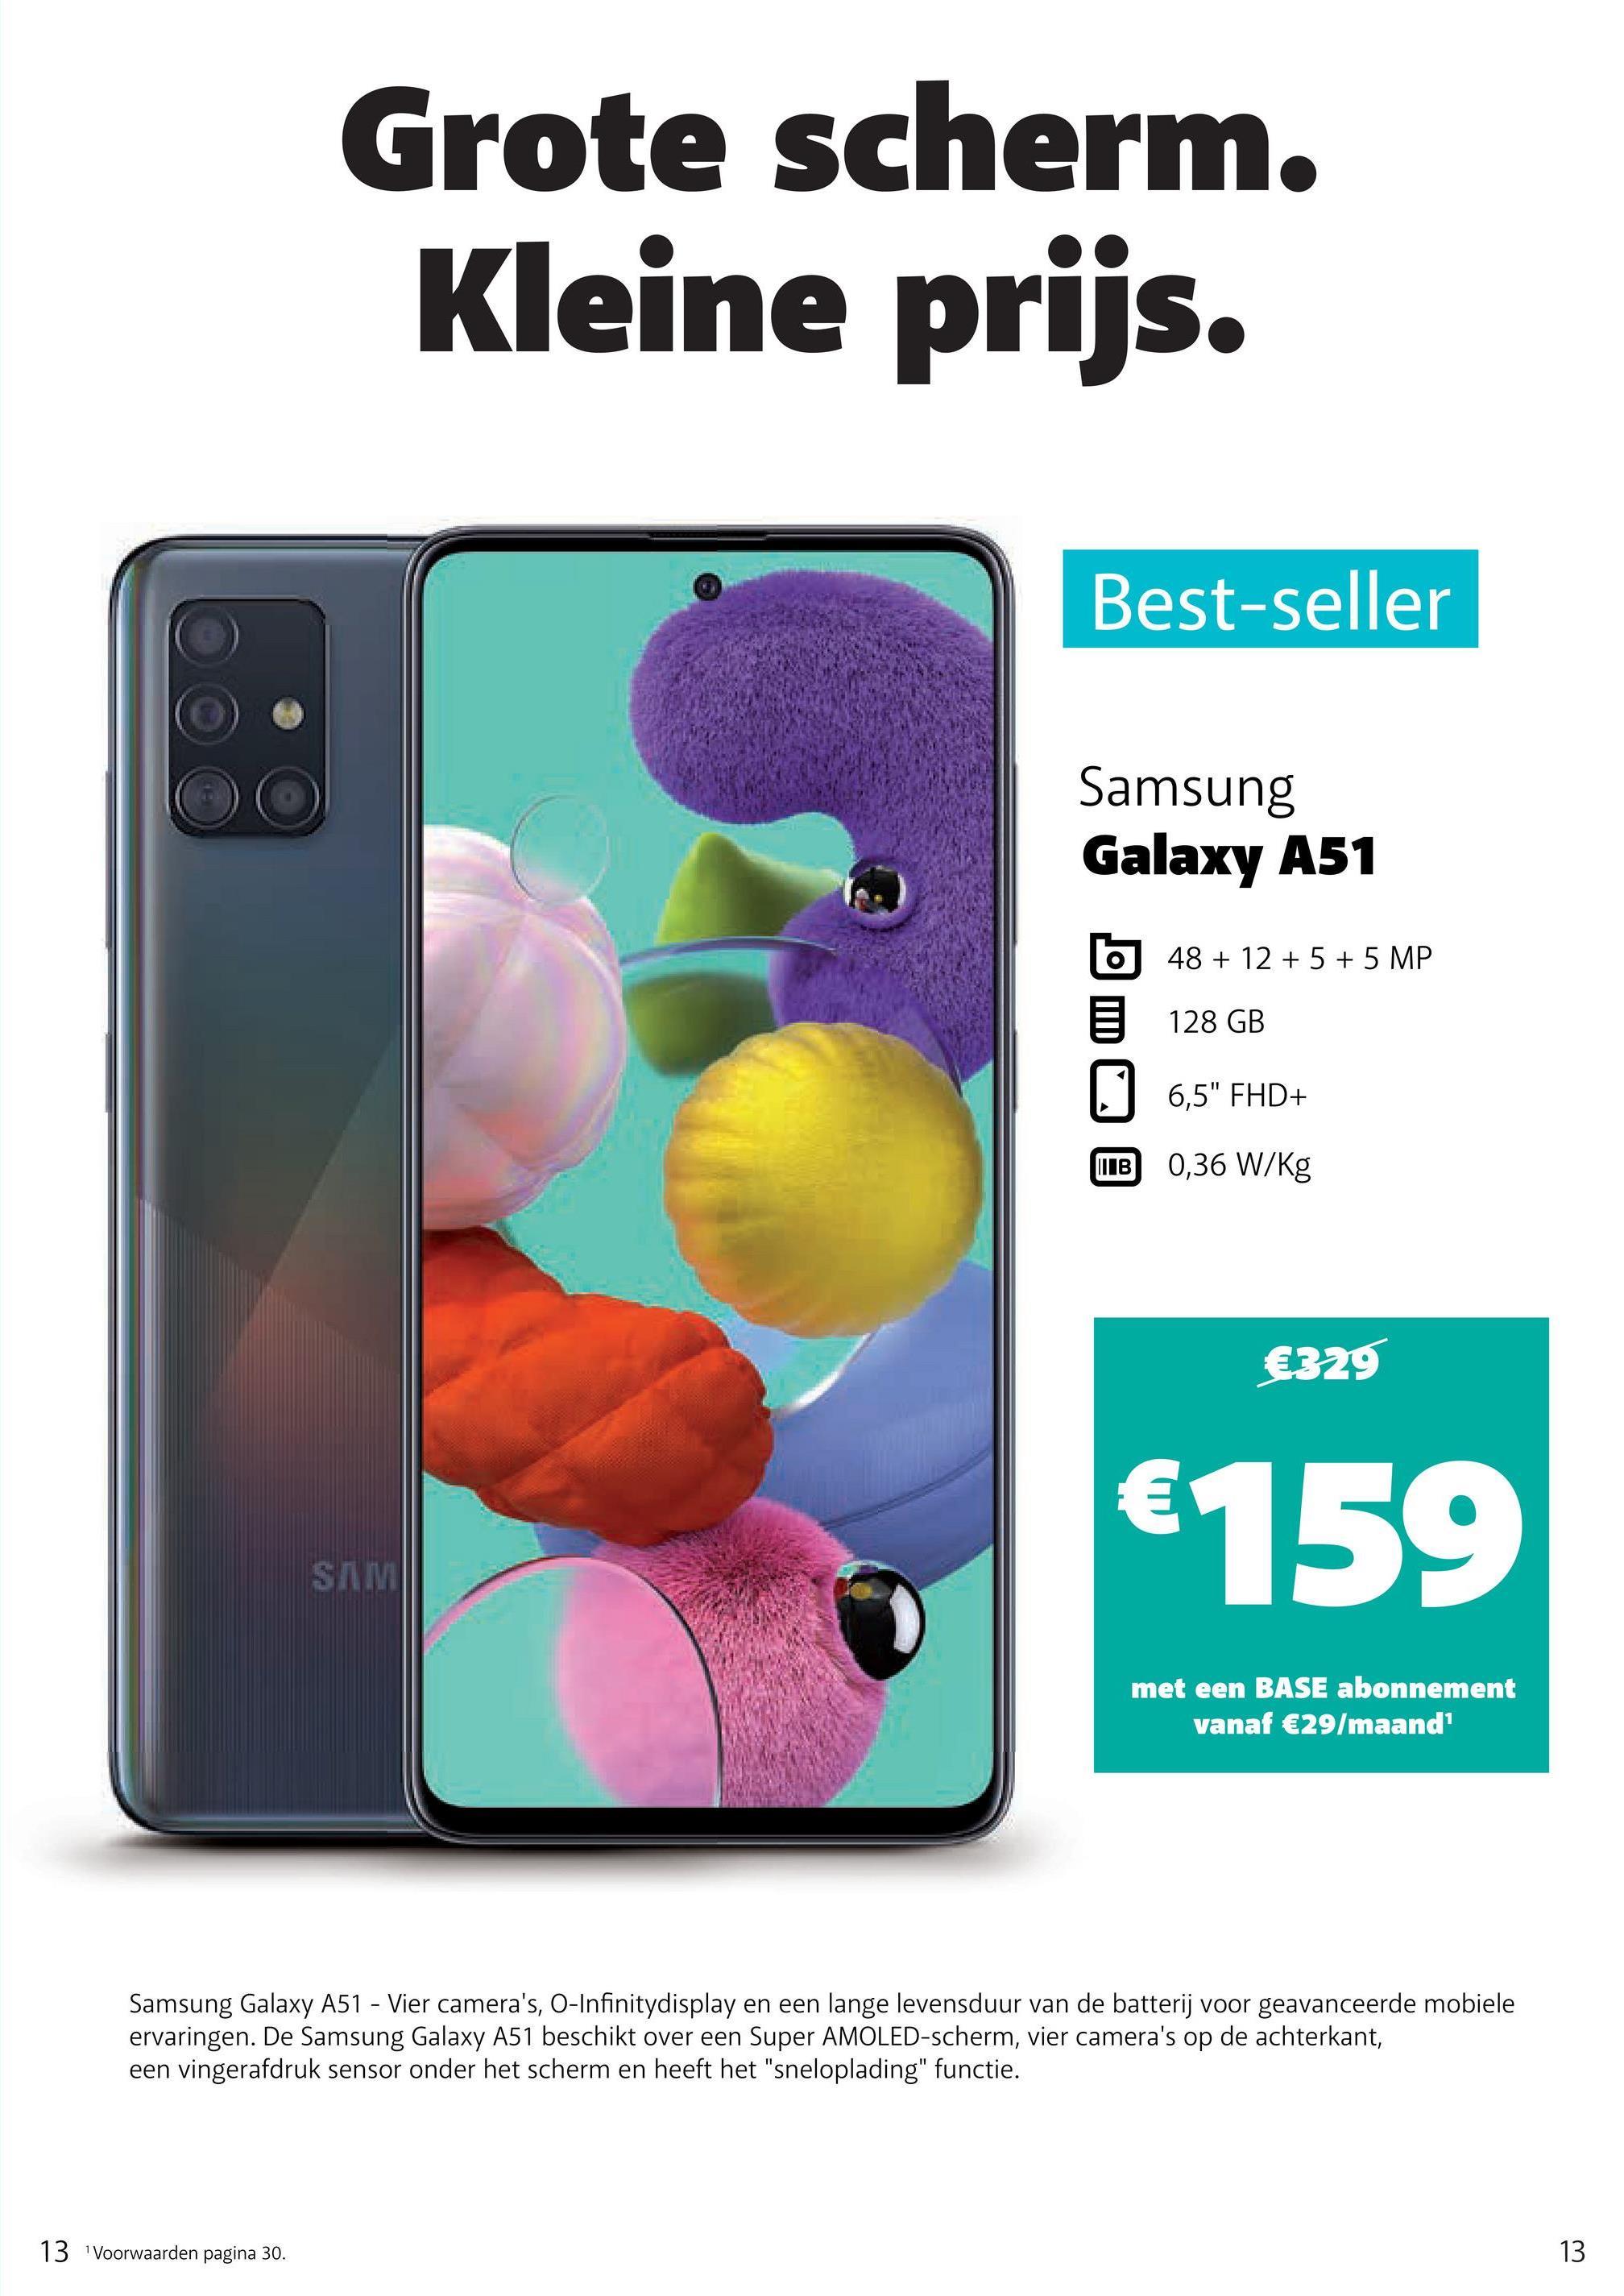 """Grote scherm. Kleine prijs. Best-seller Samsung Galaxy A51 48 + 12 + 5 + 5 MP 5 128 GB 6,5"""" FHD+ WIB 0,36 W/kg €329 €159 SIMI met een BASE abonnement vanaf €29/maand Samsung Galaxy A51 - Vier camera's, O-Infinitydisplay en een lange levensduur van de batterij voor geavanceerde mobiele ervaringen. De Samsung Galaxy A51 beschikt over een Super AMOLED-scherm, vier camera's op de achterkant, een vingerafdruk sensor onder het scherm en heeft het """"sneloplading"""" functie. 13 Voorwaarden pagina 30. 13"""